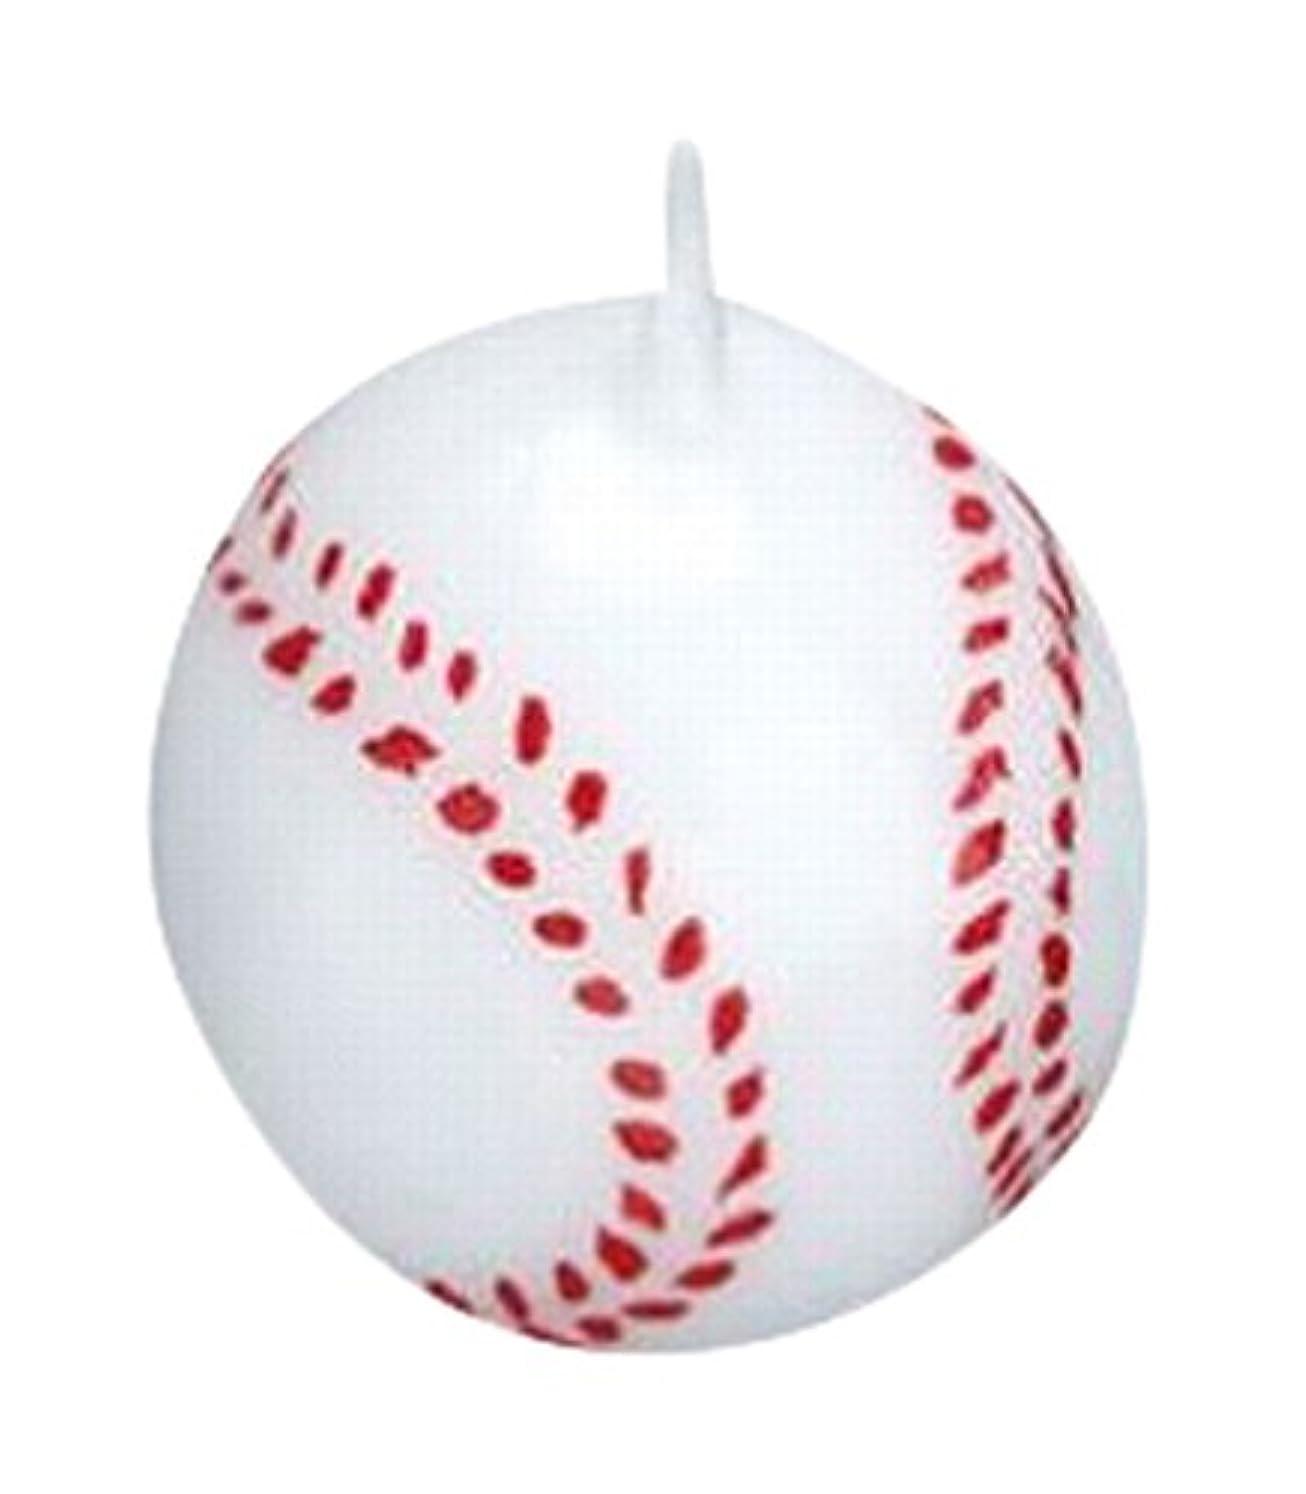 ベースボール3個入り キャンドル 10個セット 55220040